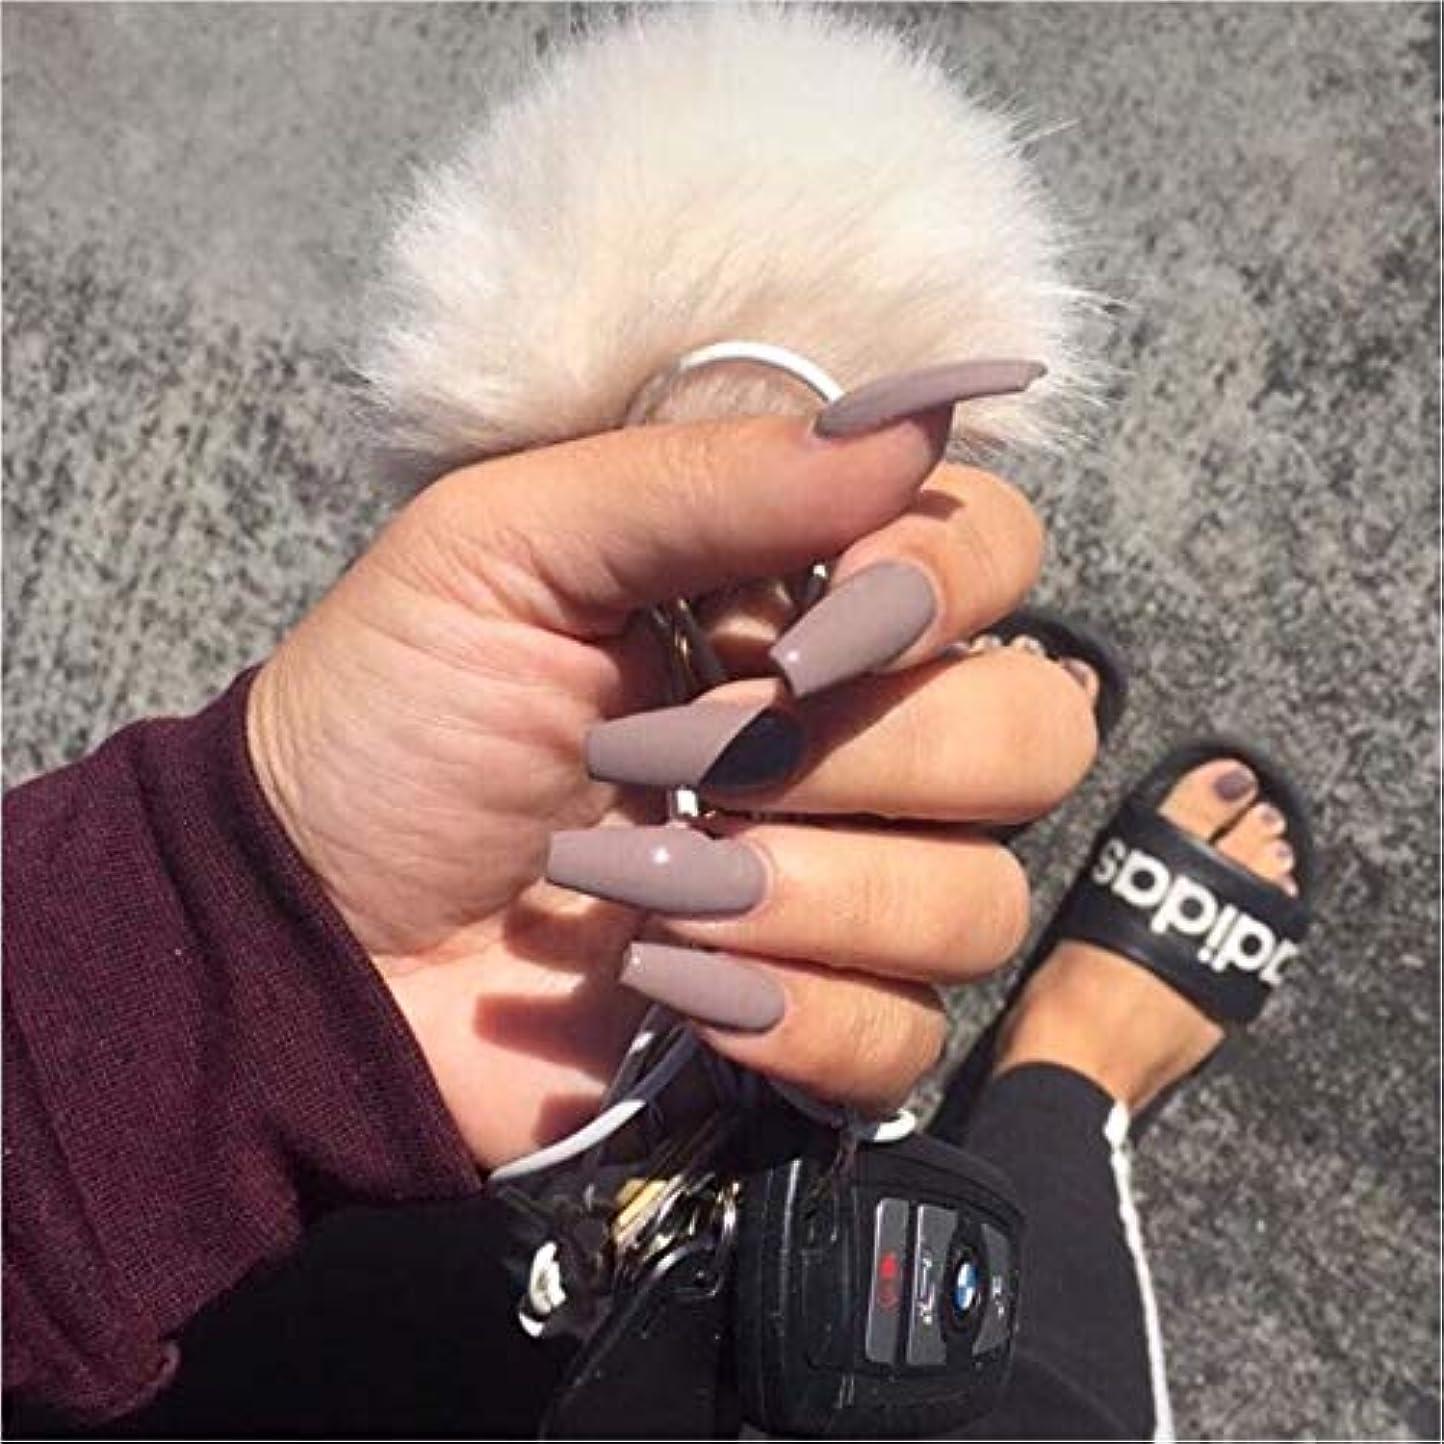 挨拶するコロニー臭いXUTXZKA グレーの純粋な色の偽の爪の女性の完全な爪のヒントの花嫁の偽の爪